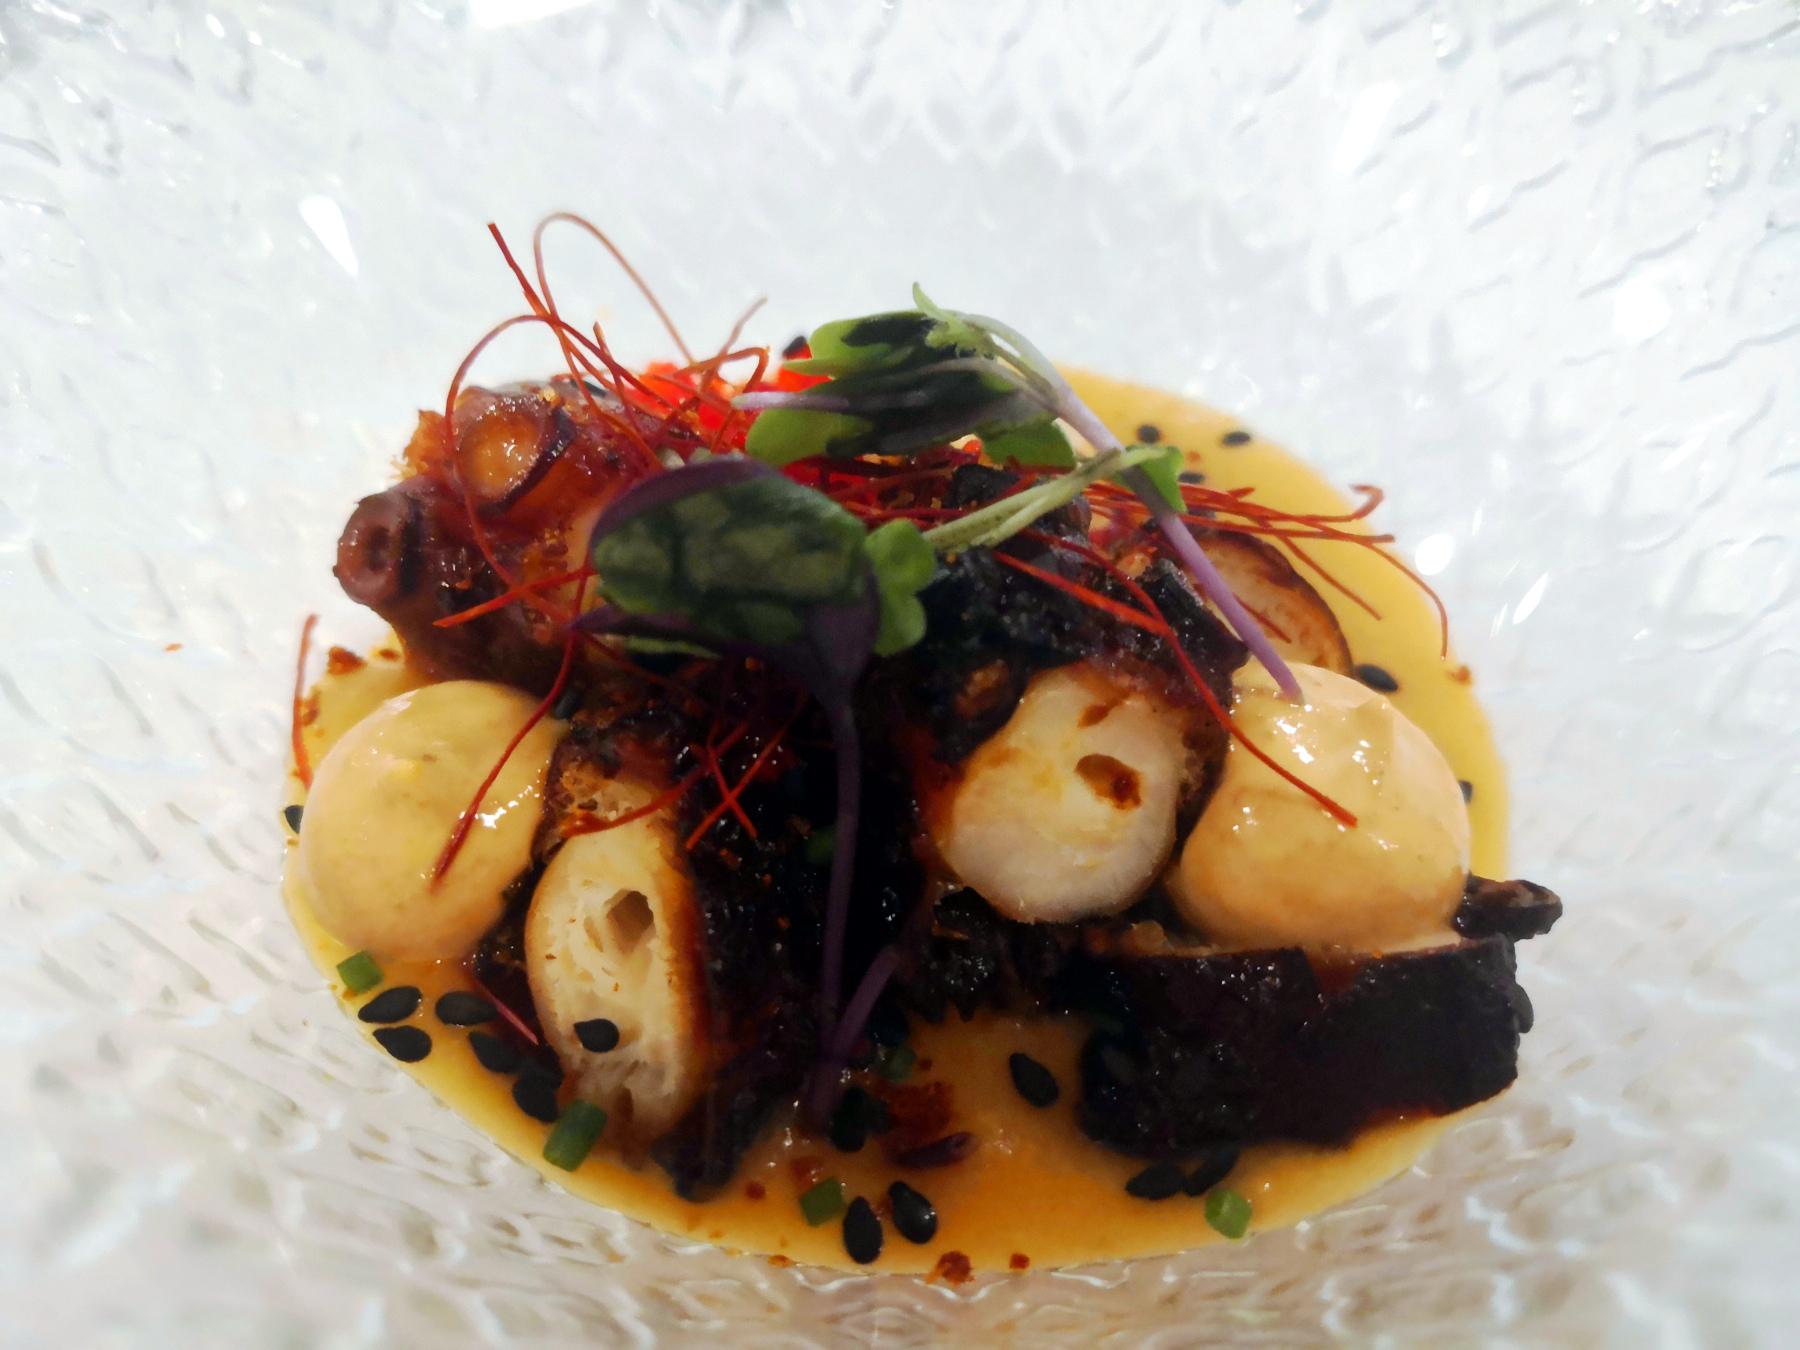 Pulpo seco con salmorejo de tomates secos - Restaurante Travieso